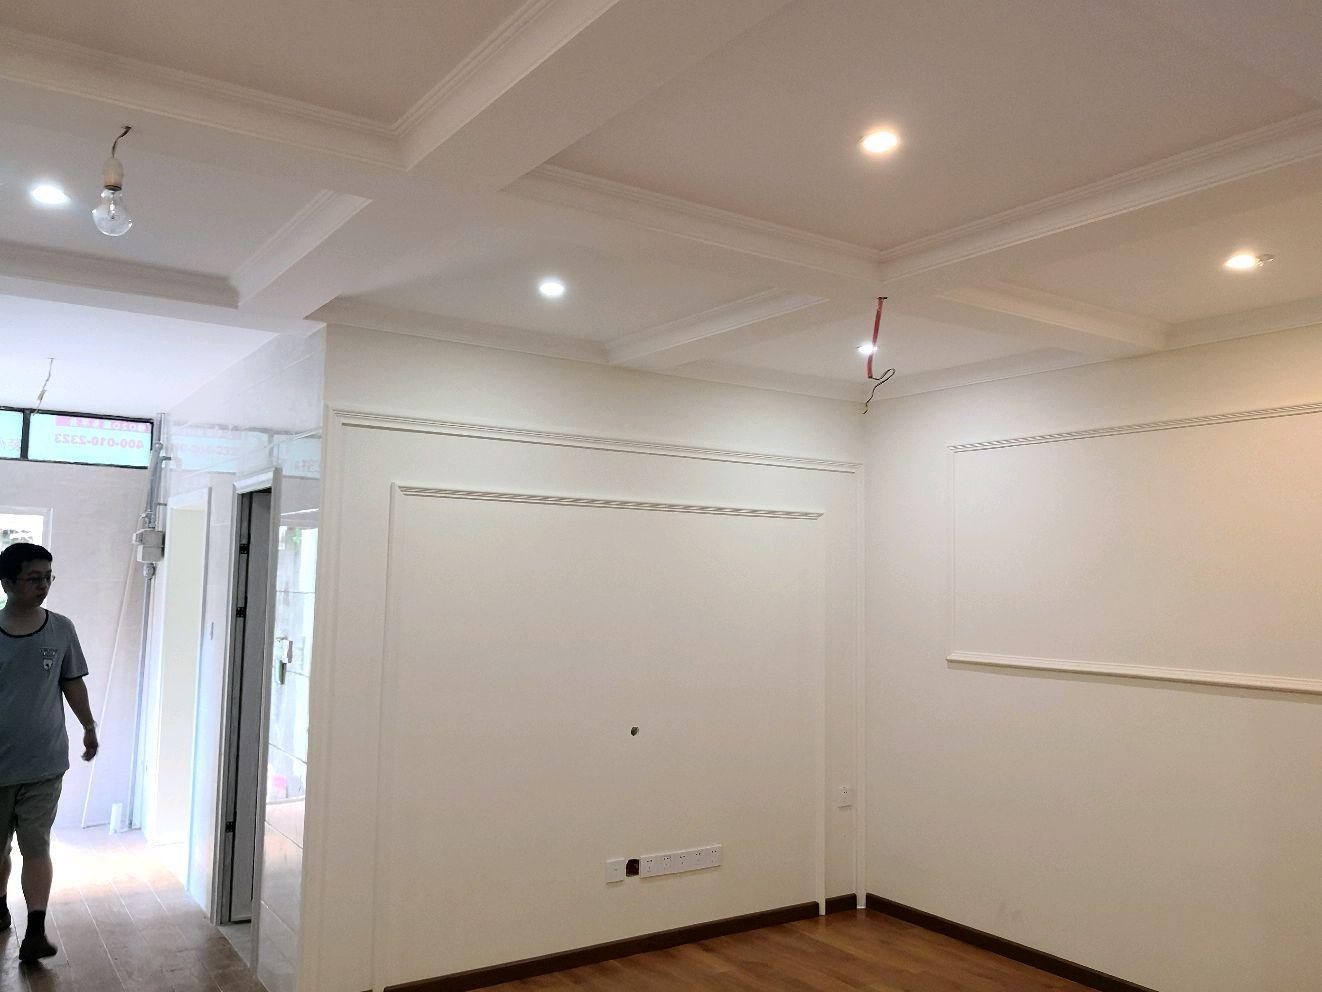 锦江区桂王桥北街31号竣工